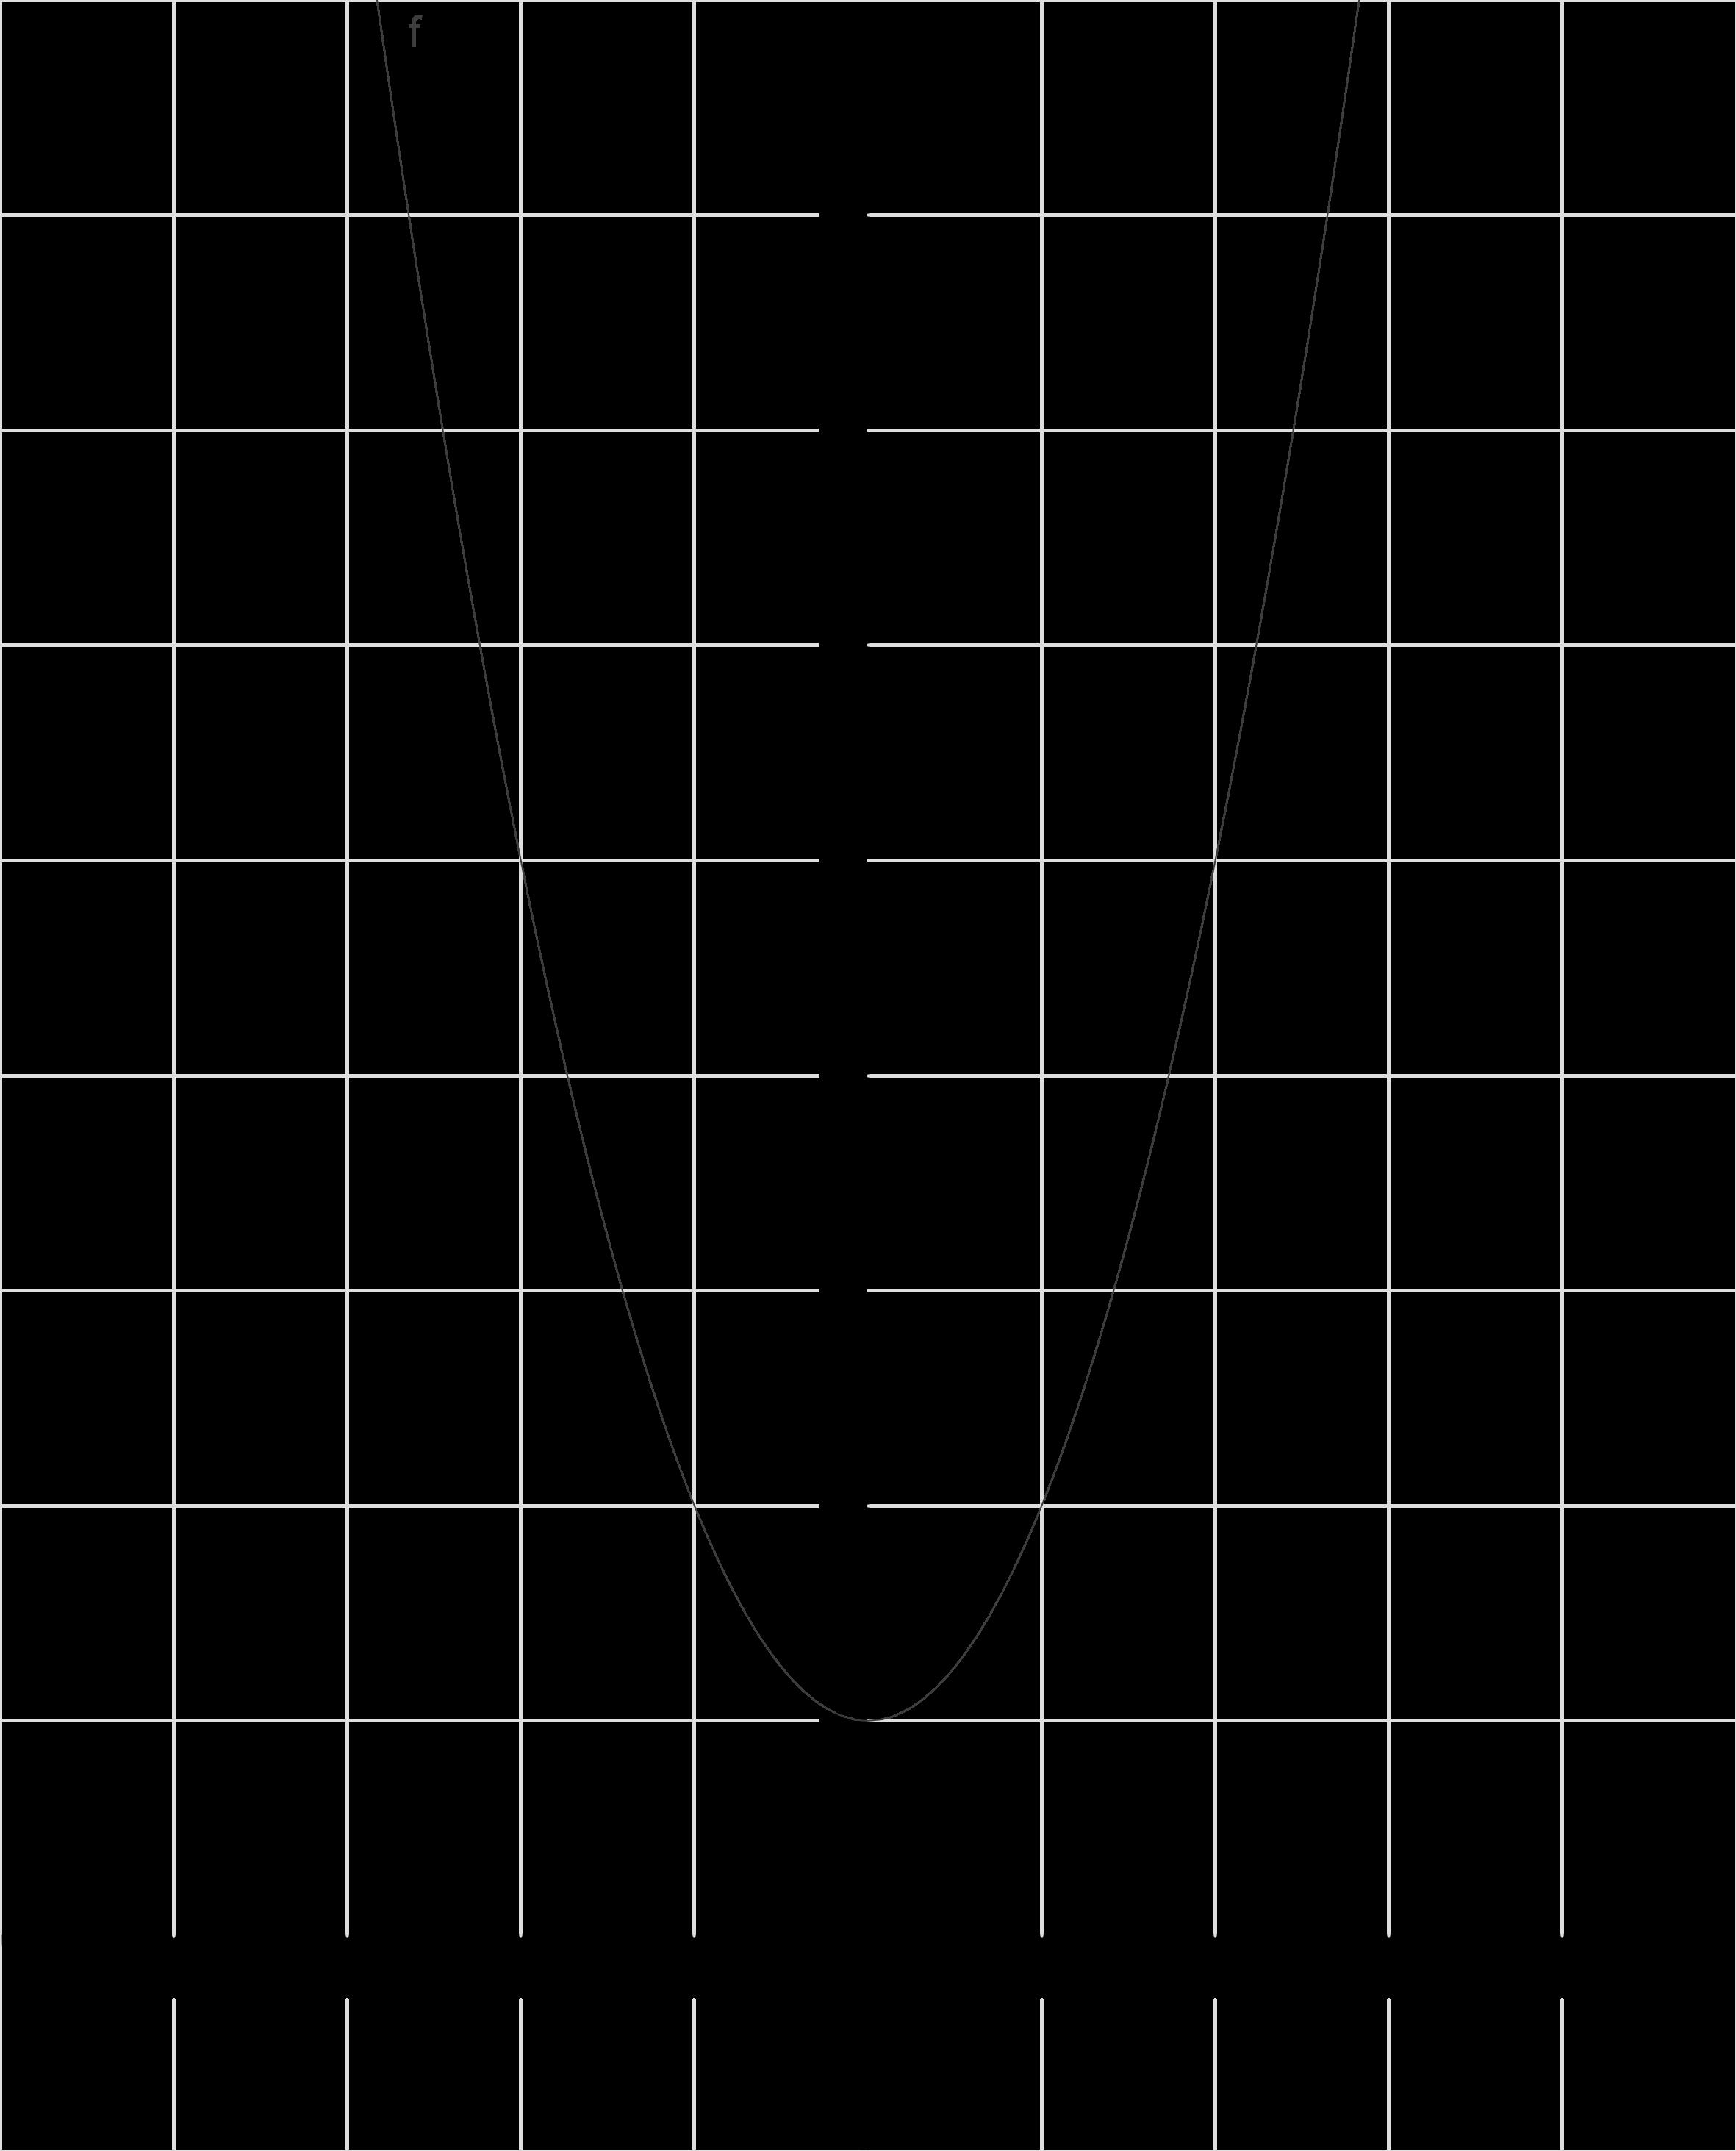 Quadratische Funktionen: Einführung